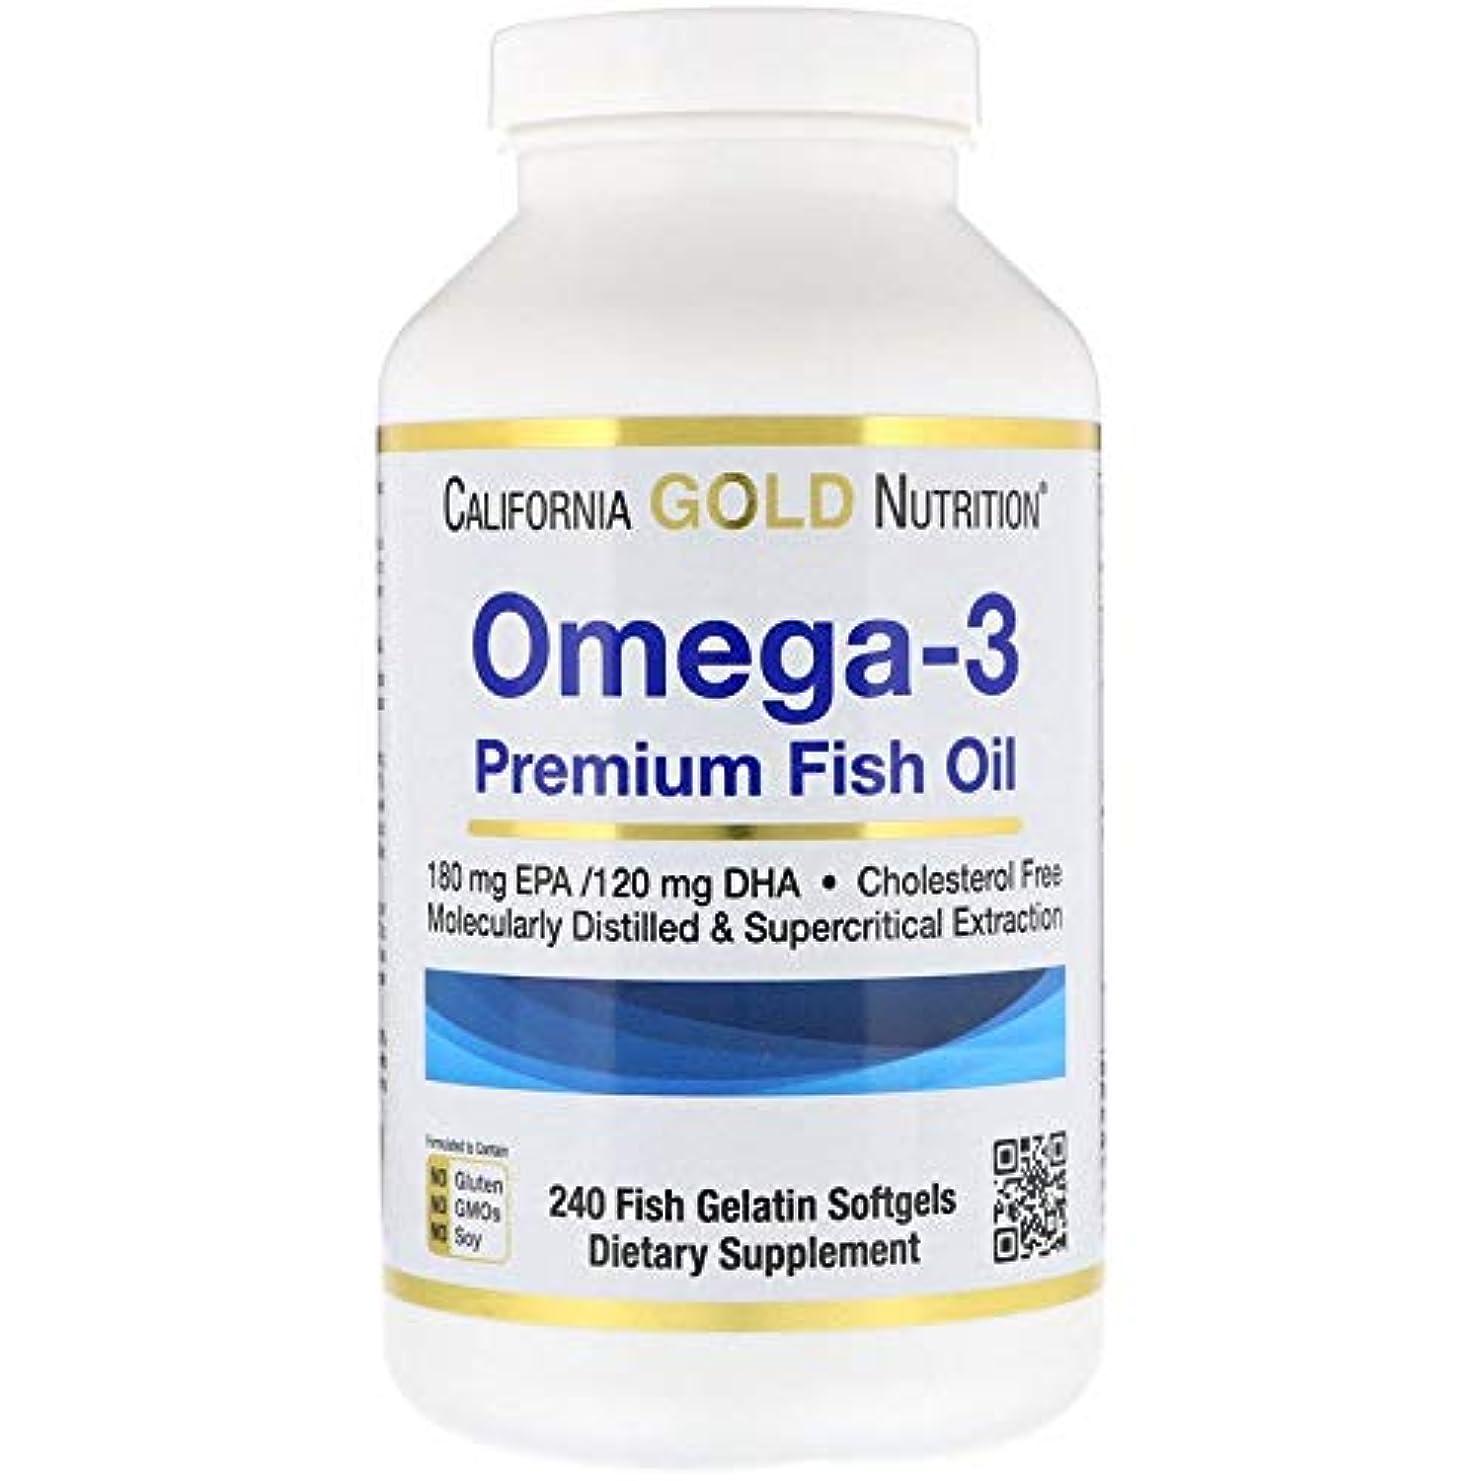 責含意疎外するCalifornia Gold Nutrition Omega-3 Premium オメガ3 フィッシュオイル お買い得 240粒 X 3 パックFish Gelatin Softgels [並行輸入品] FjgH